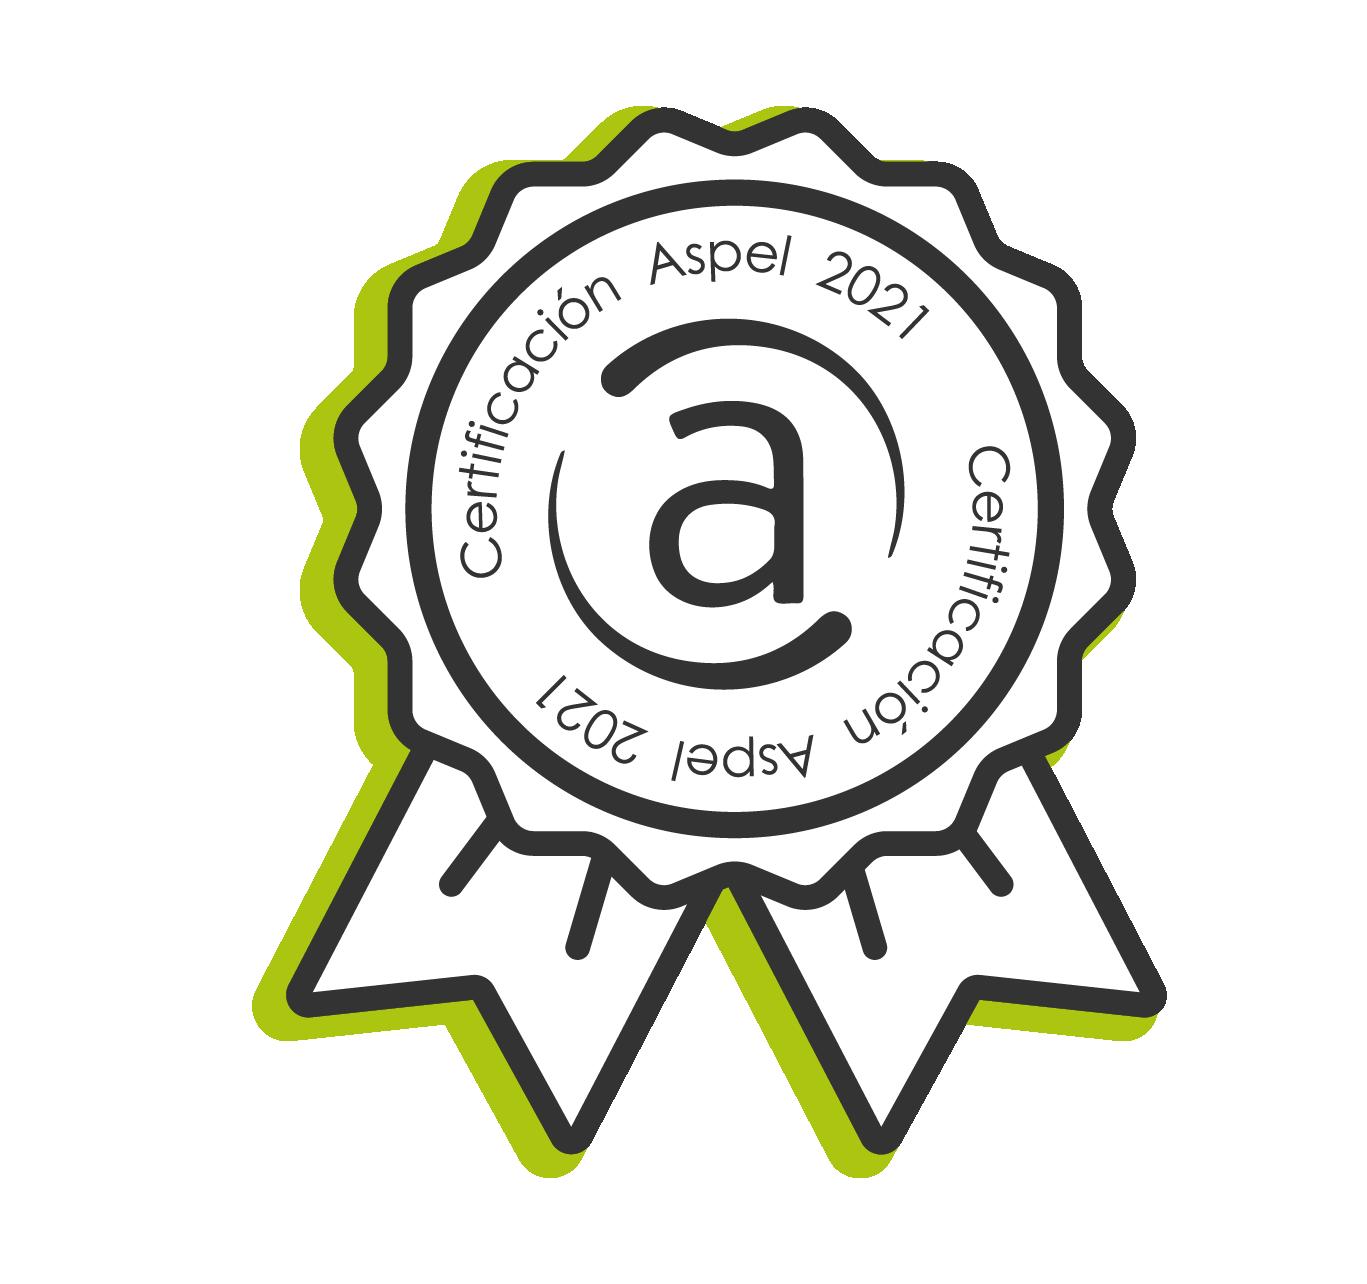 consultor certificado aspel